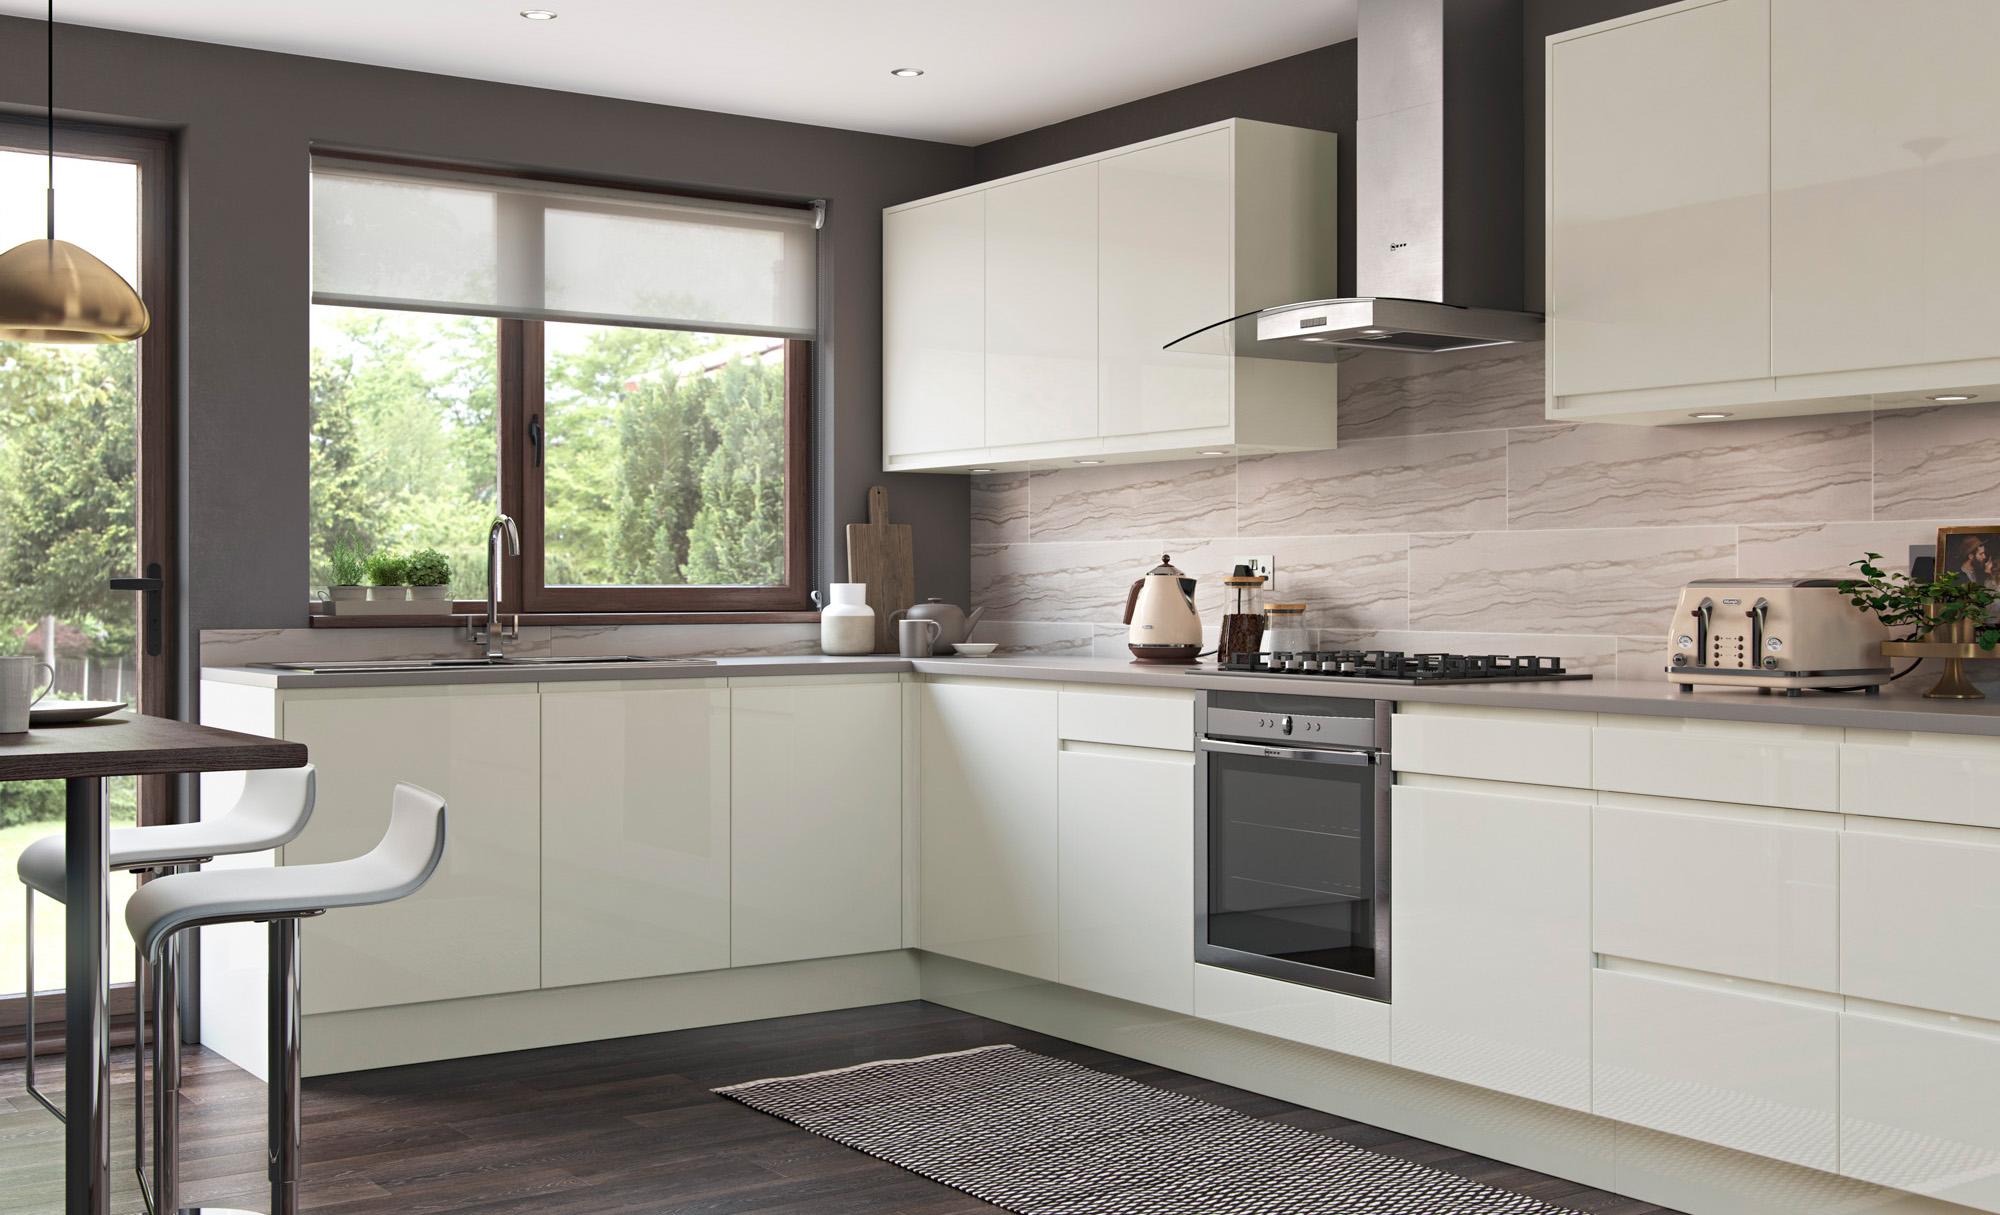 Handless Kitchen Doors Strada Gloss Porcelain Uform